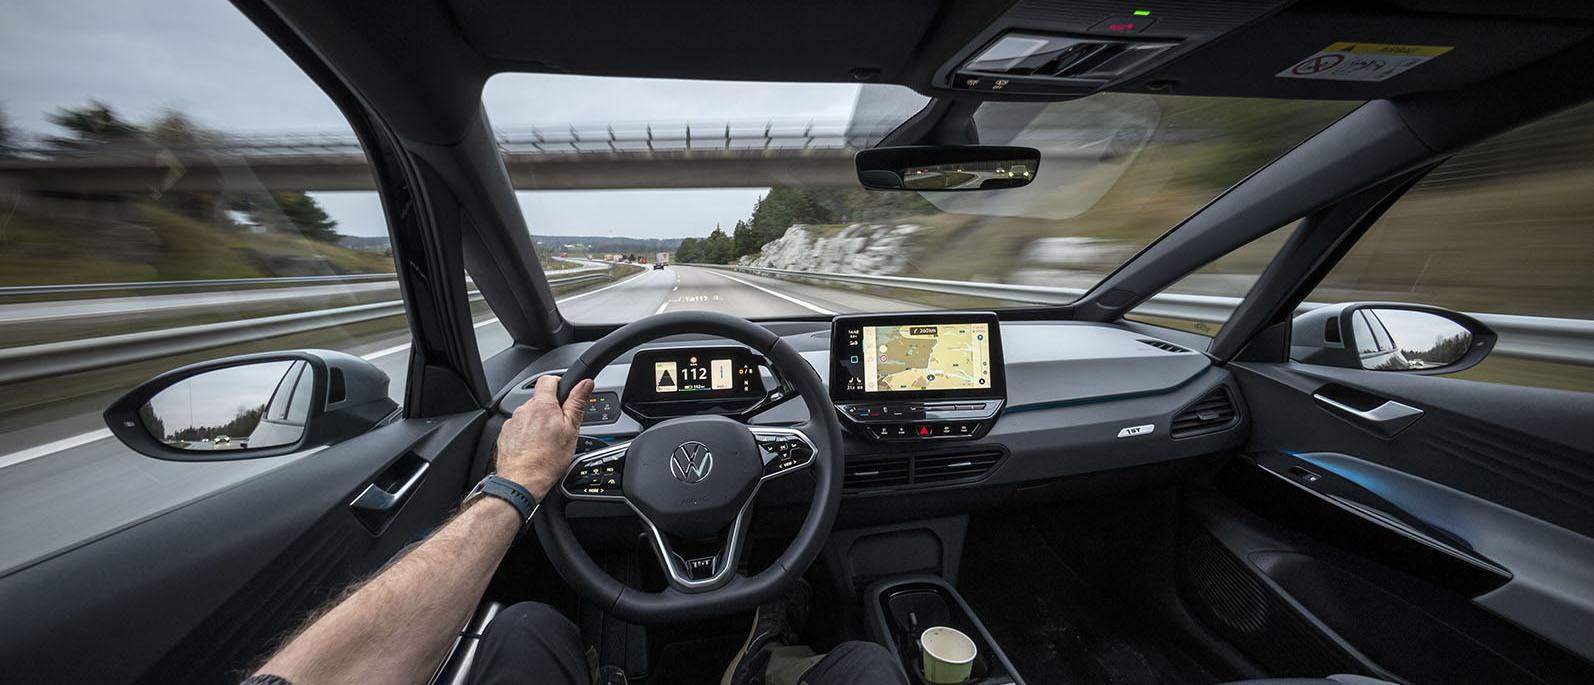 Genom Sverige med Sveriges mest sålda bil, en laddupplevelse signerad CCS!